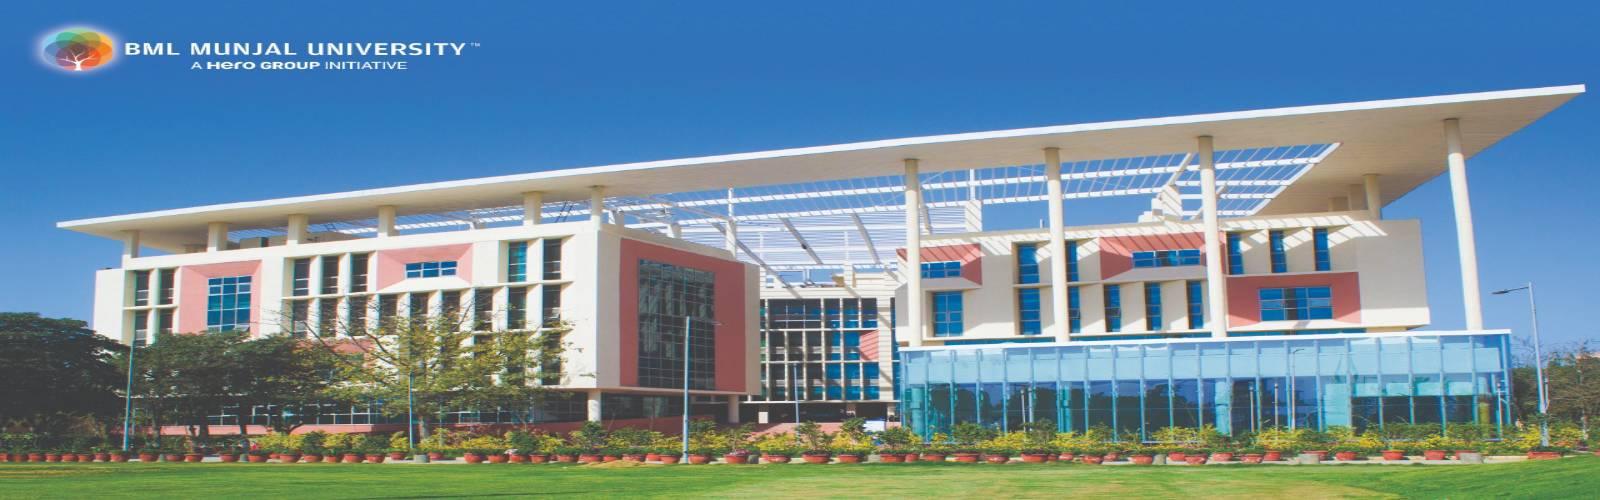 bml university